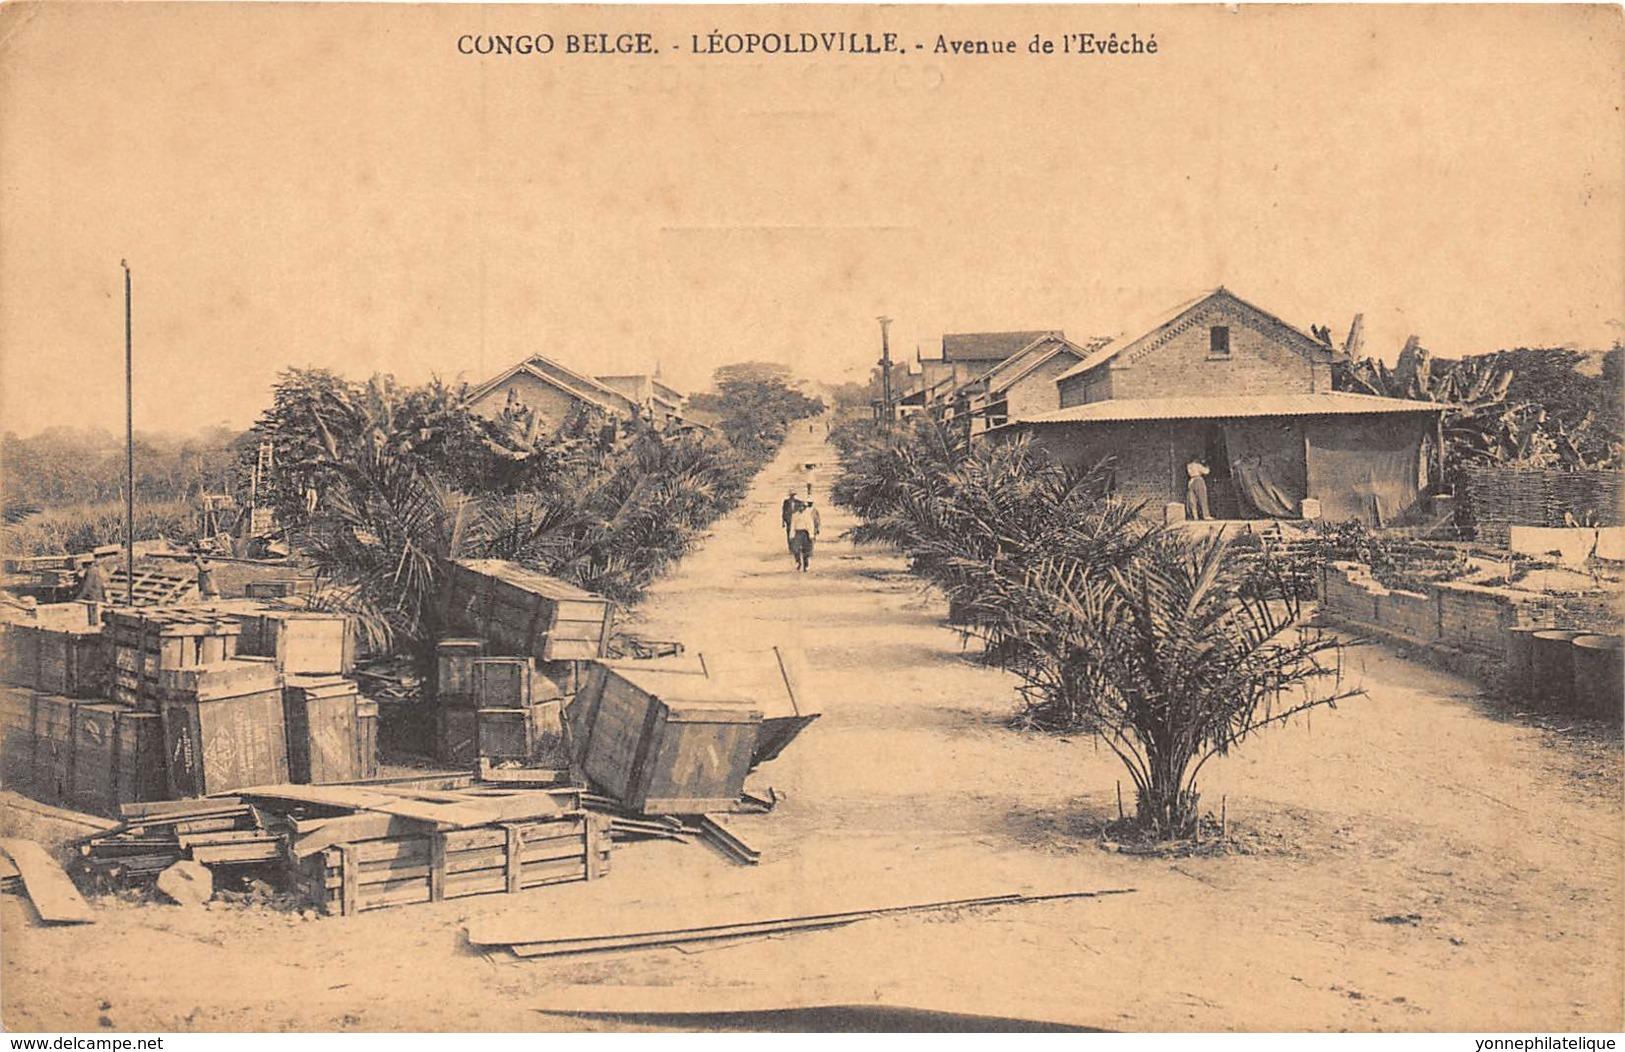 Congo -  Leopoldville / 25 - Avenue De L' Evêché - Kinshasa - Léopoldville